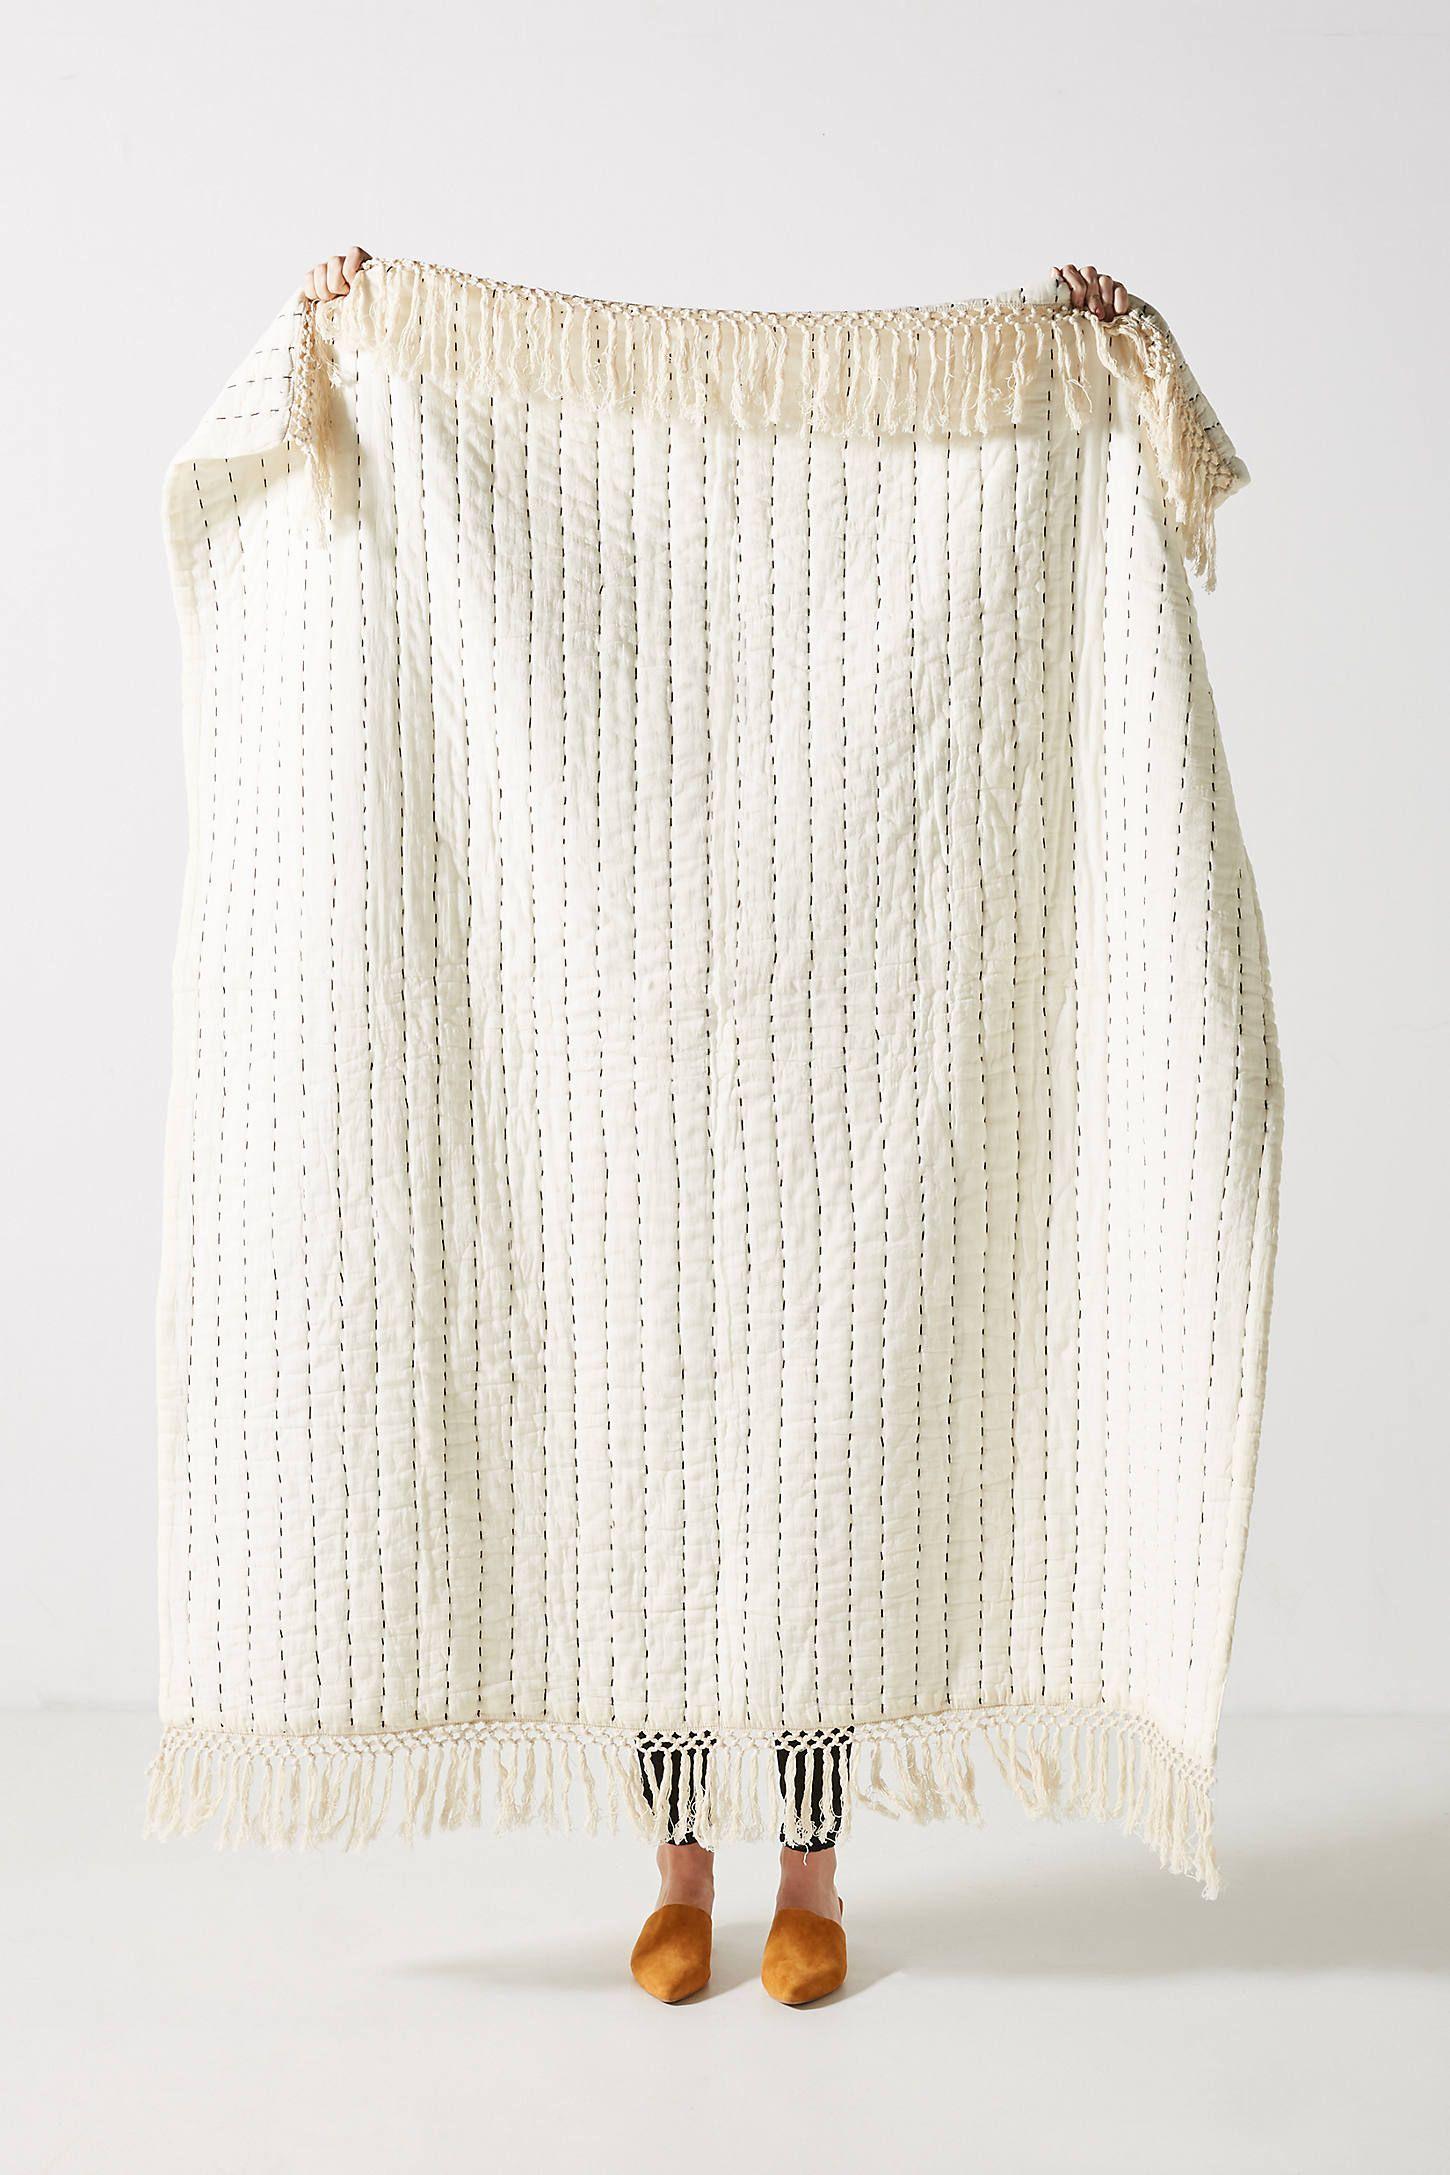 Kantha Stitched Nevin Throw Blanket In 2020 Kantha Stitch Blanket